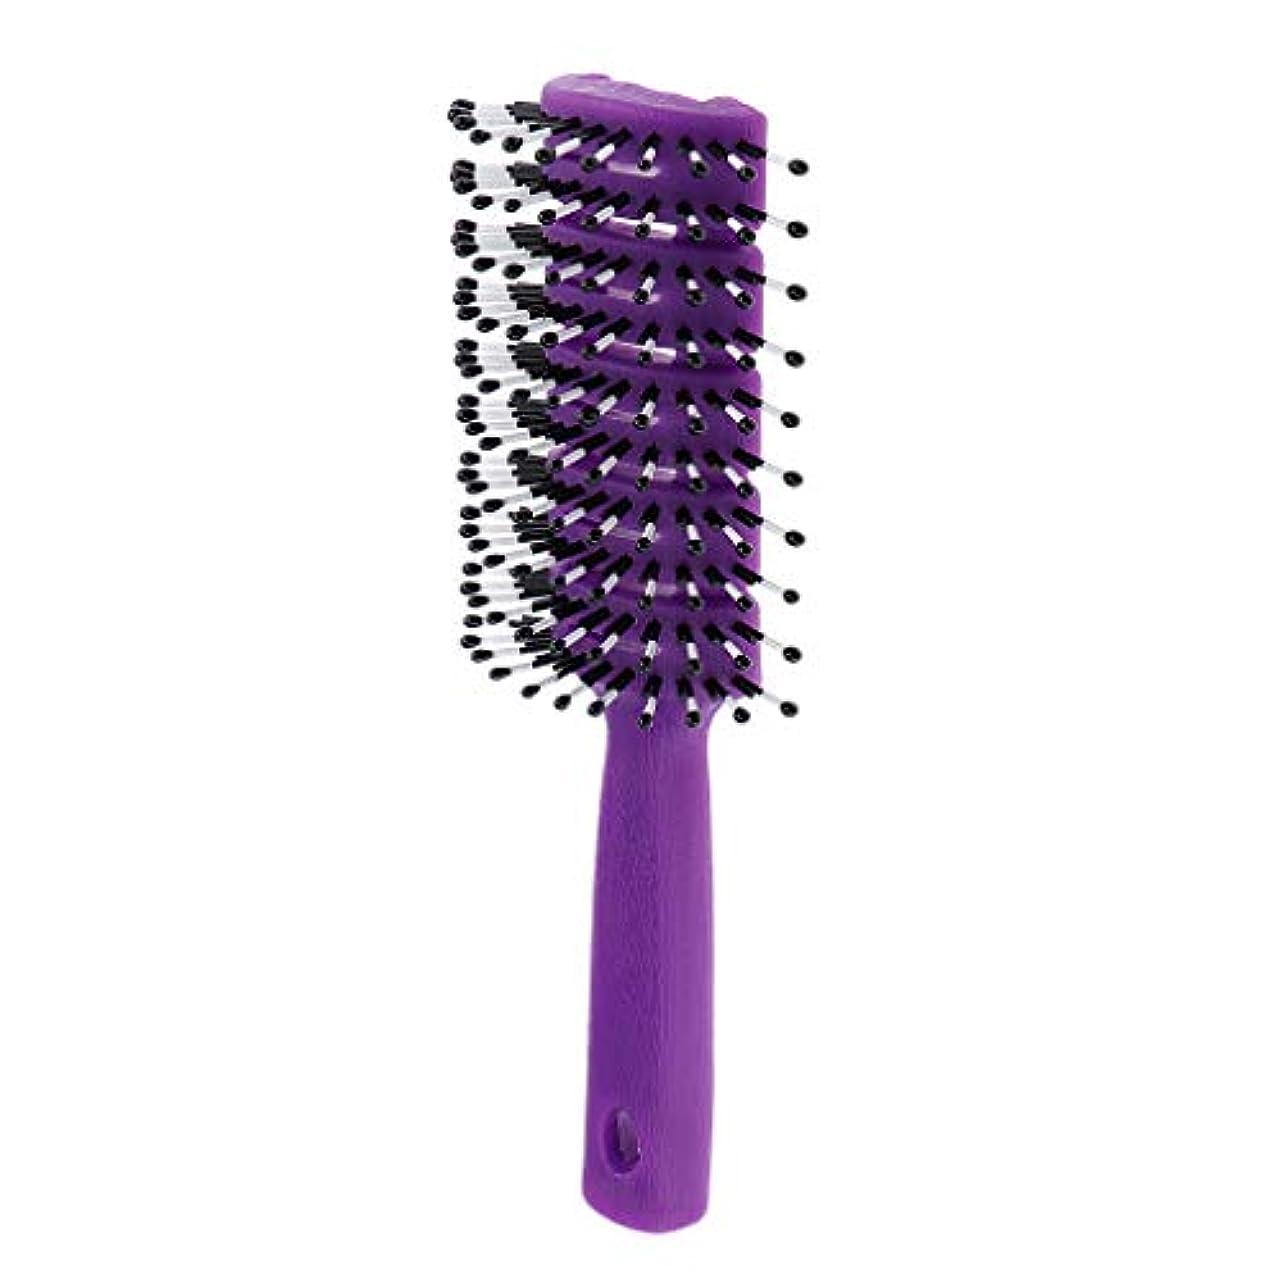 微弱ピッチャー処理するヘアコーム 静電防止櫛 ヘアブラシ 3色選べ - 紫